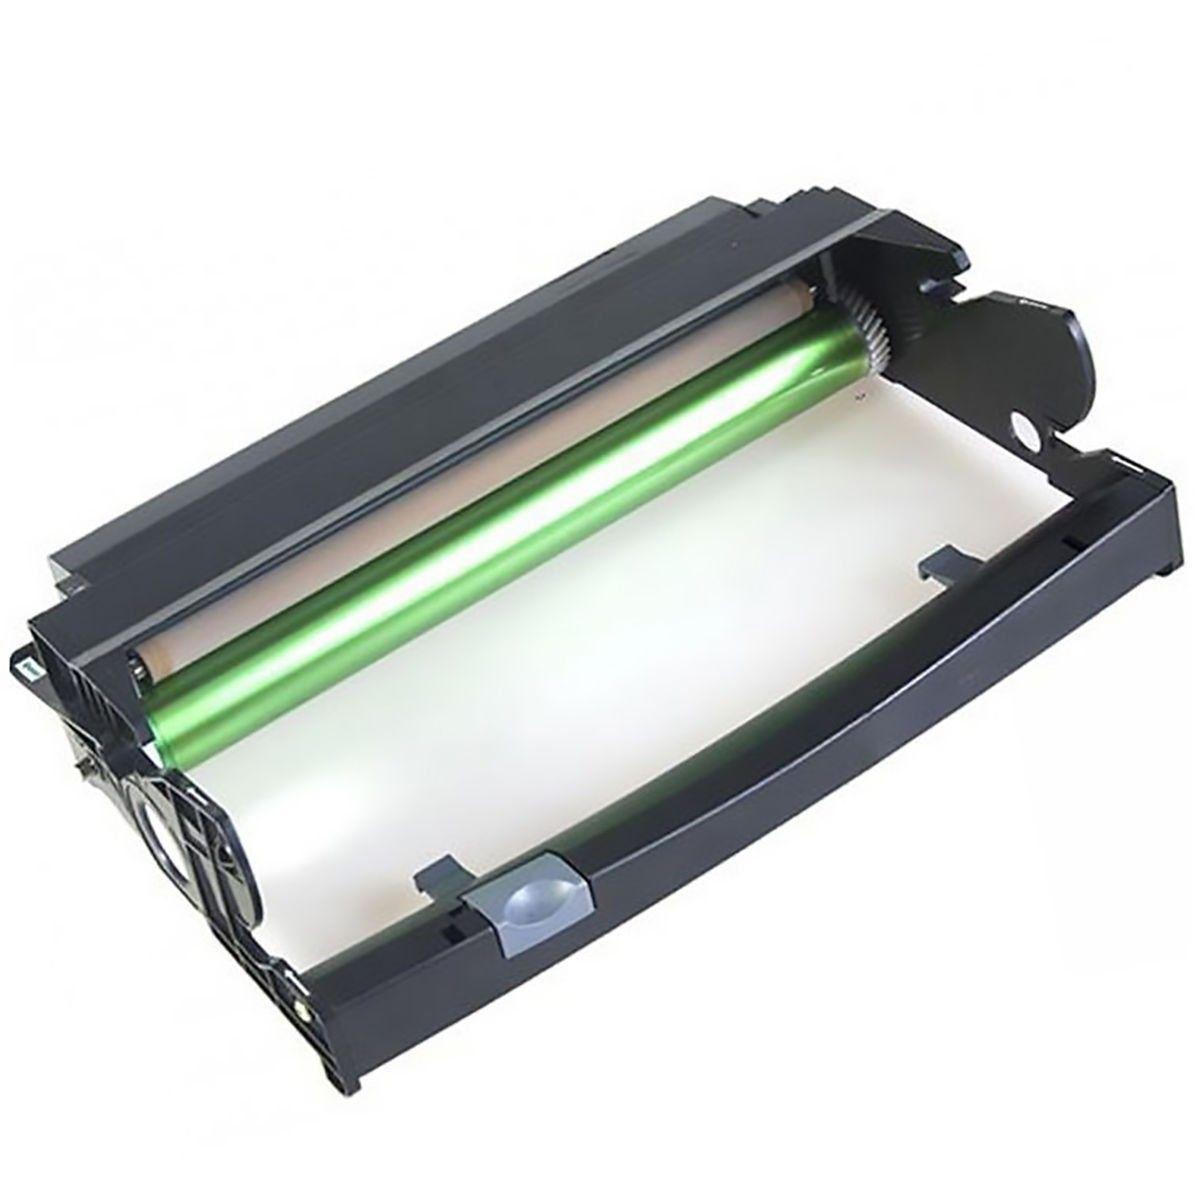 Compatível: Cartucho de Cilindro DRE230 para Lexmark E230 E240 E340 E342 E232 E332 X203 X204 X340 X342 E332tn / 30.000